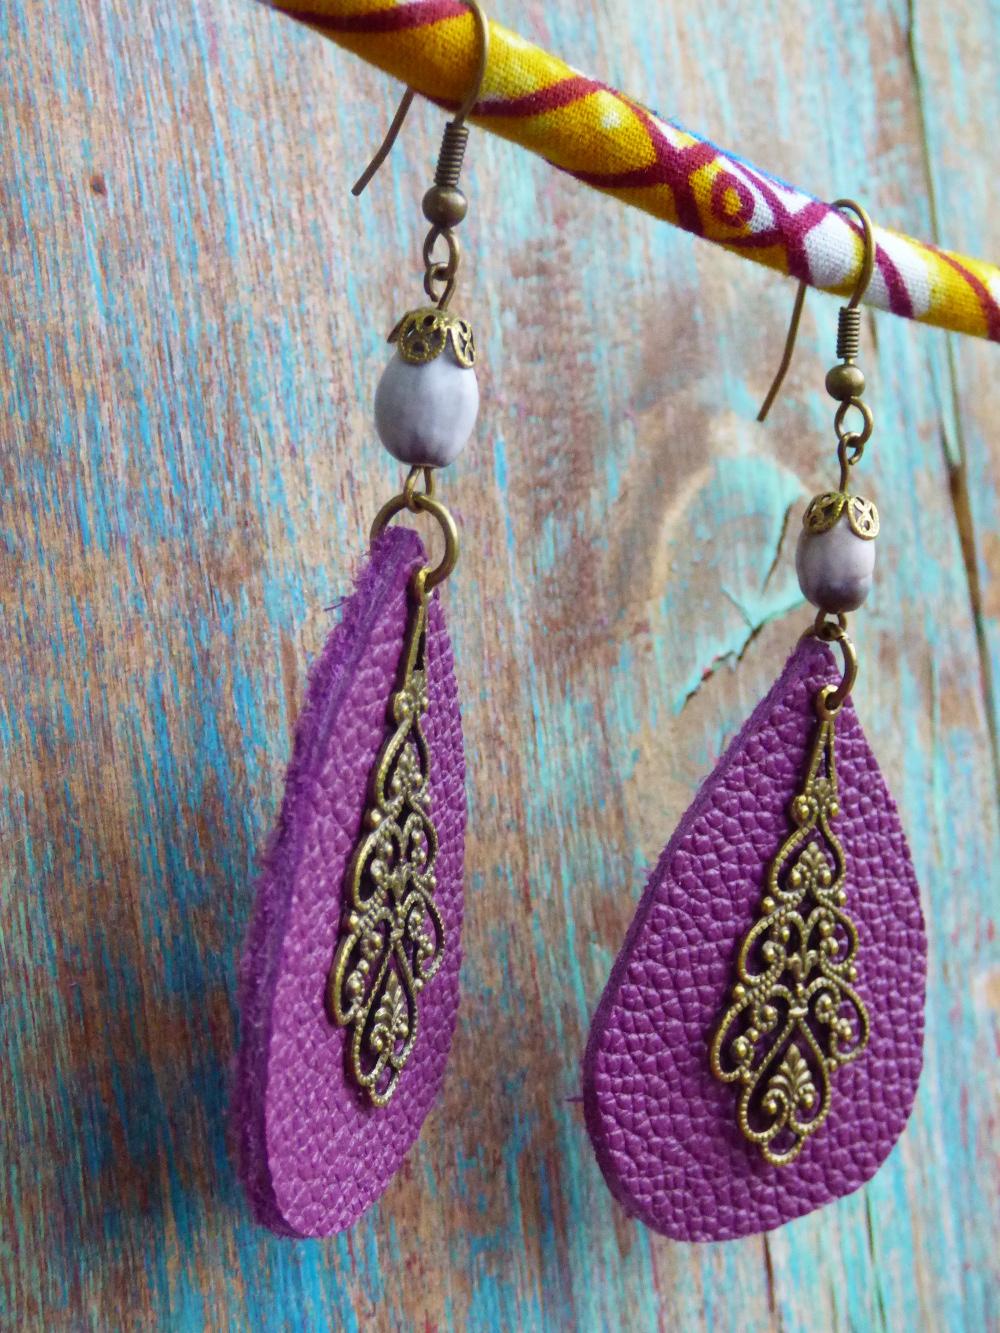 Boucles d'oreilles ethniques orientales en cuir prune, graine et estampes en métal bronze.